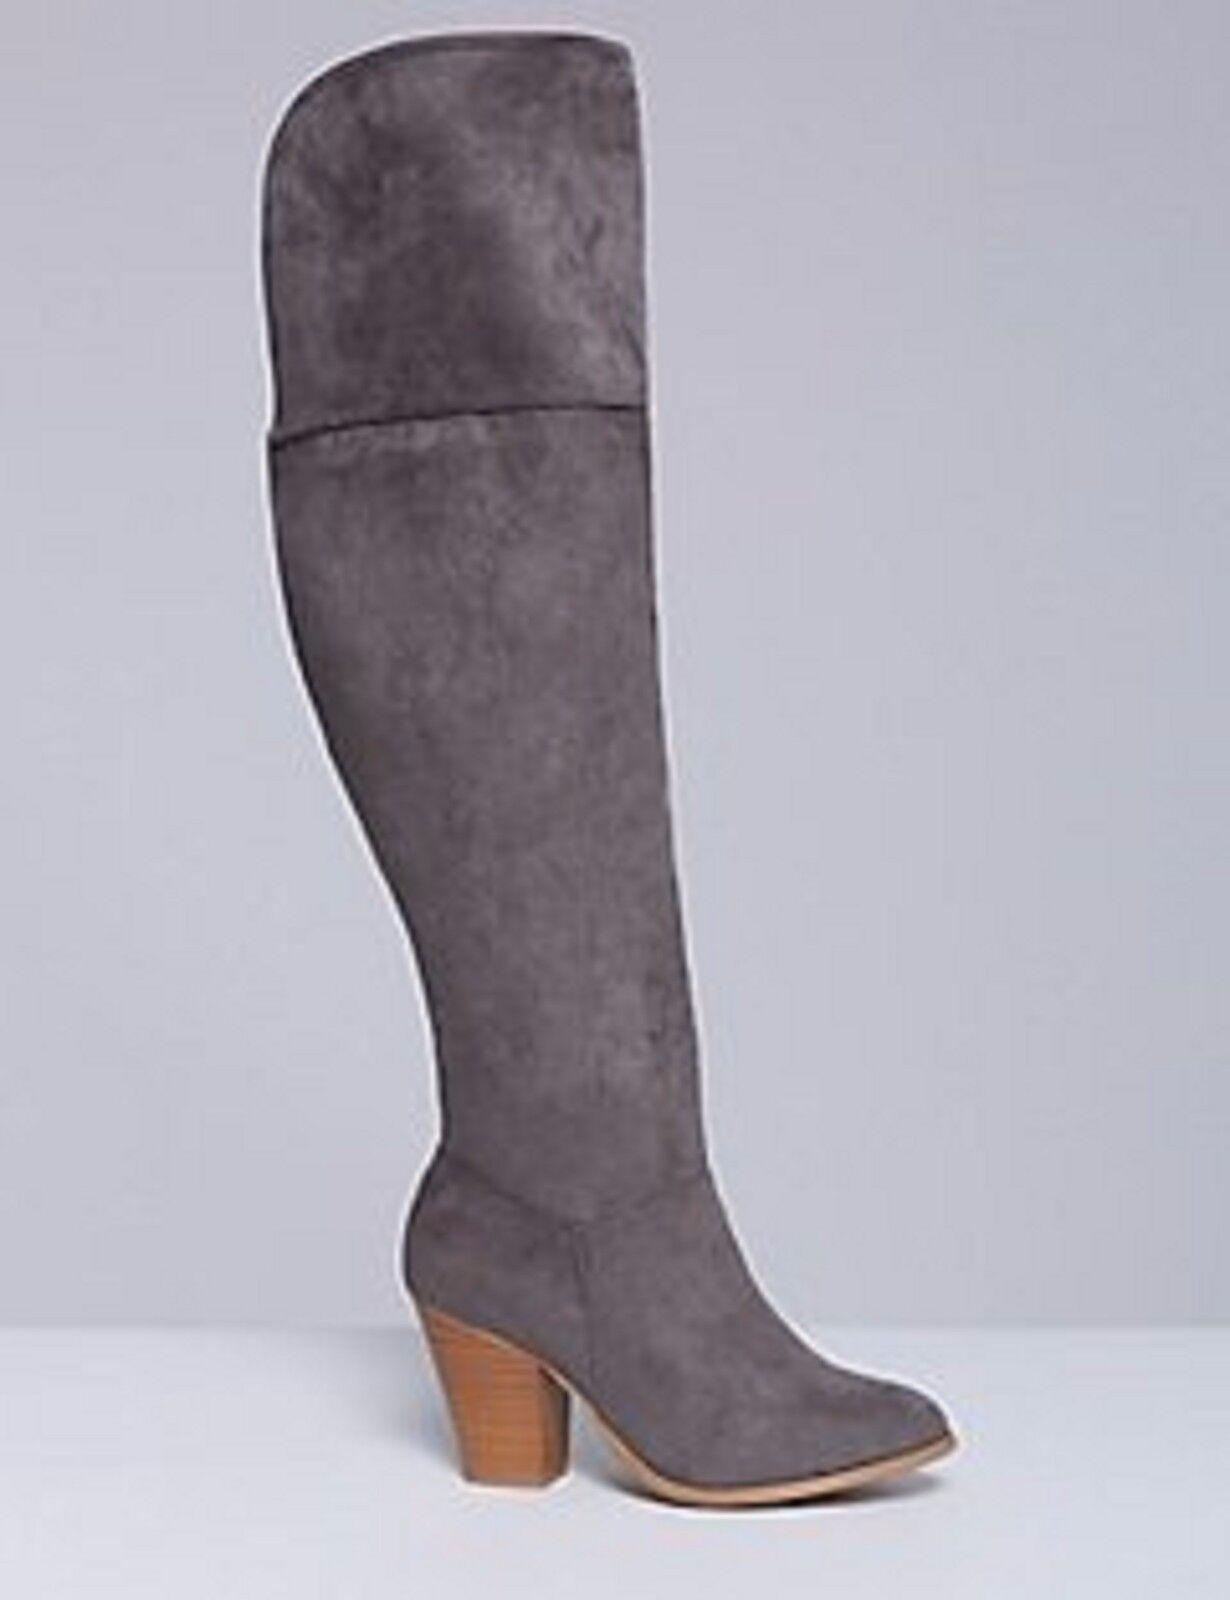 WOMEN'S Grey CASTLE WALL Over The Knee BOOTS 3 3 4 Block Heel  SZ 12 Wide  NEW